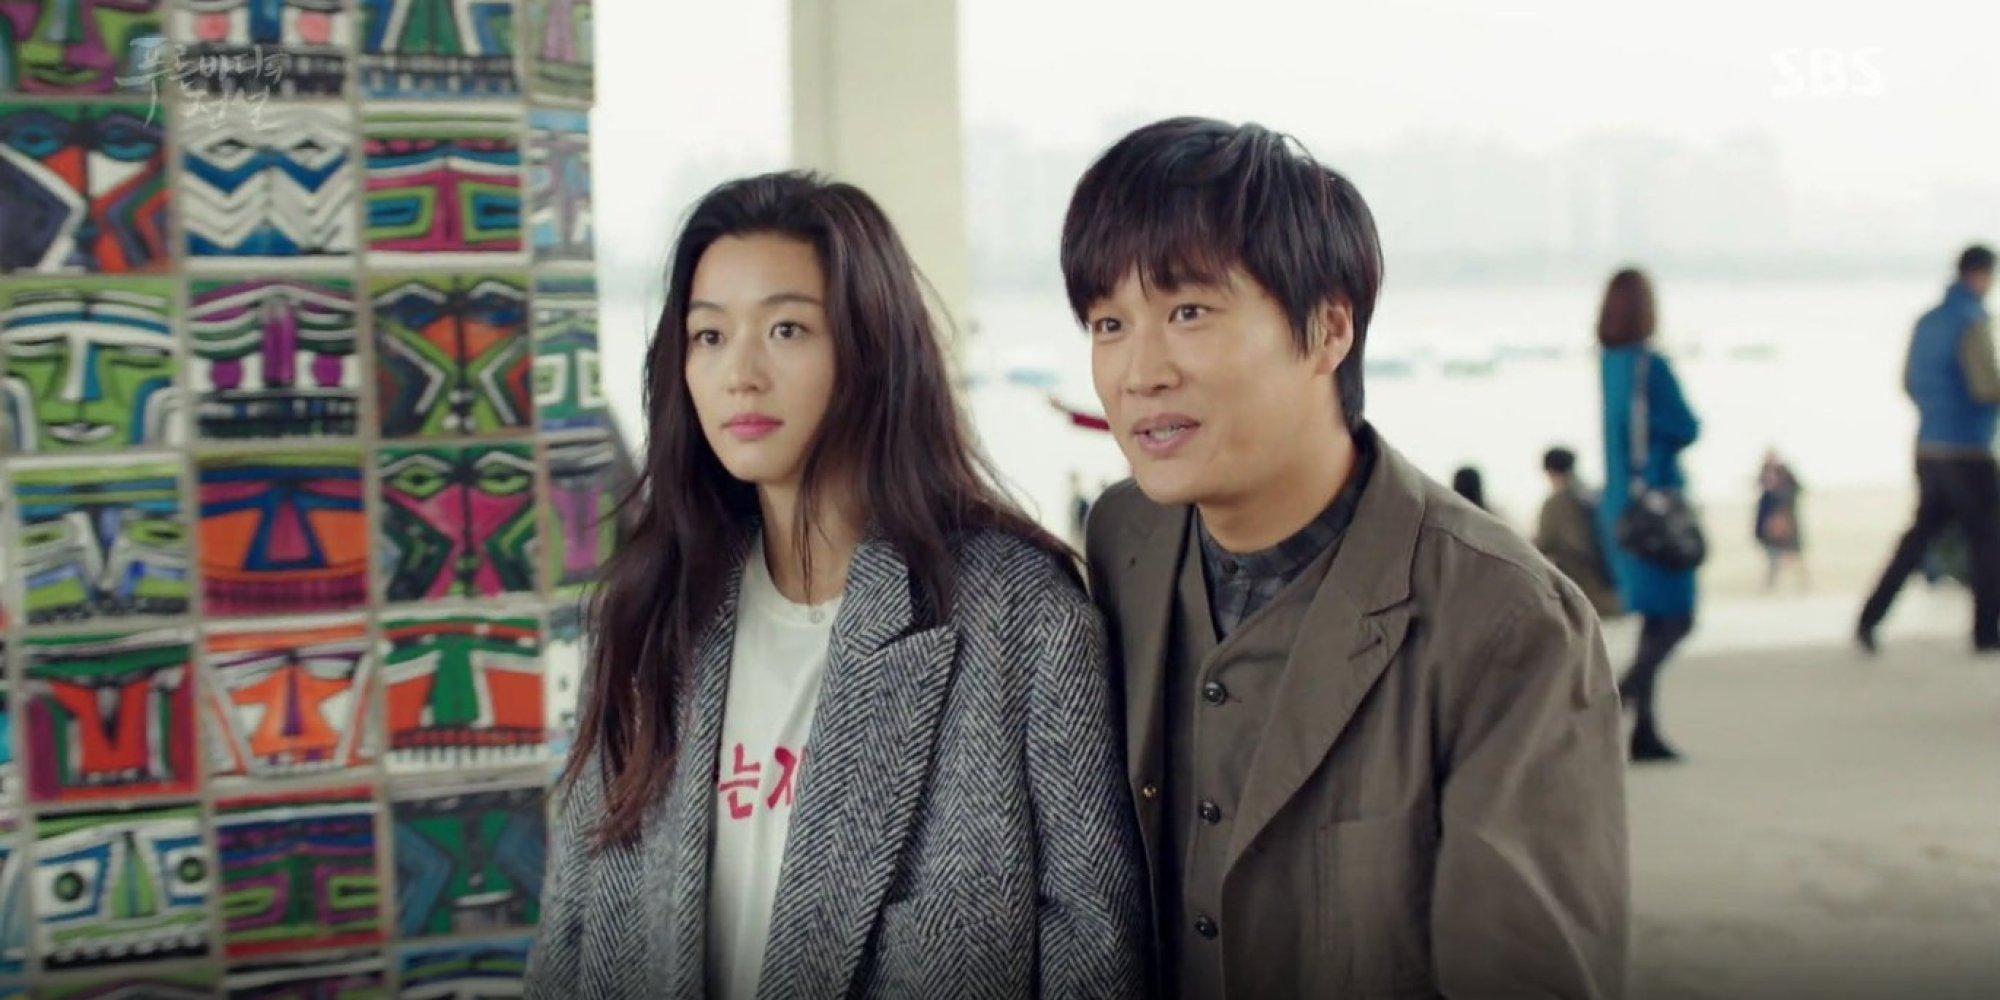 Cha Tae Hyun revela cómo se sintió al reunirse con Jun Ji Hyun en TV luego de 15 años